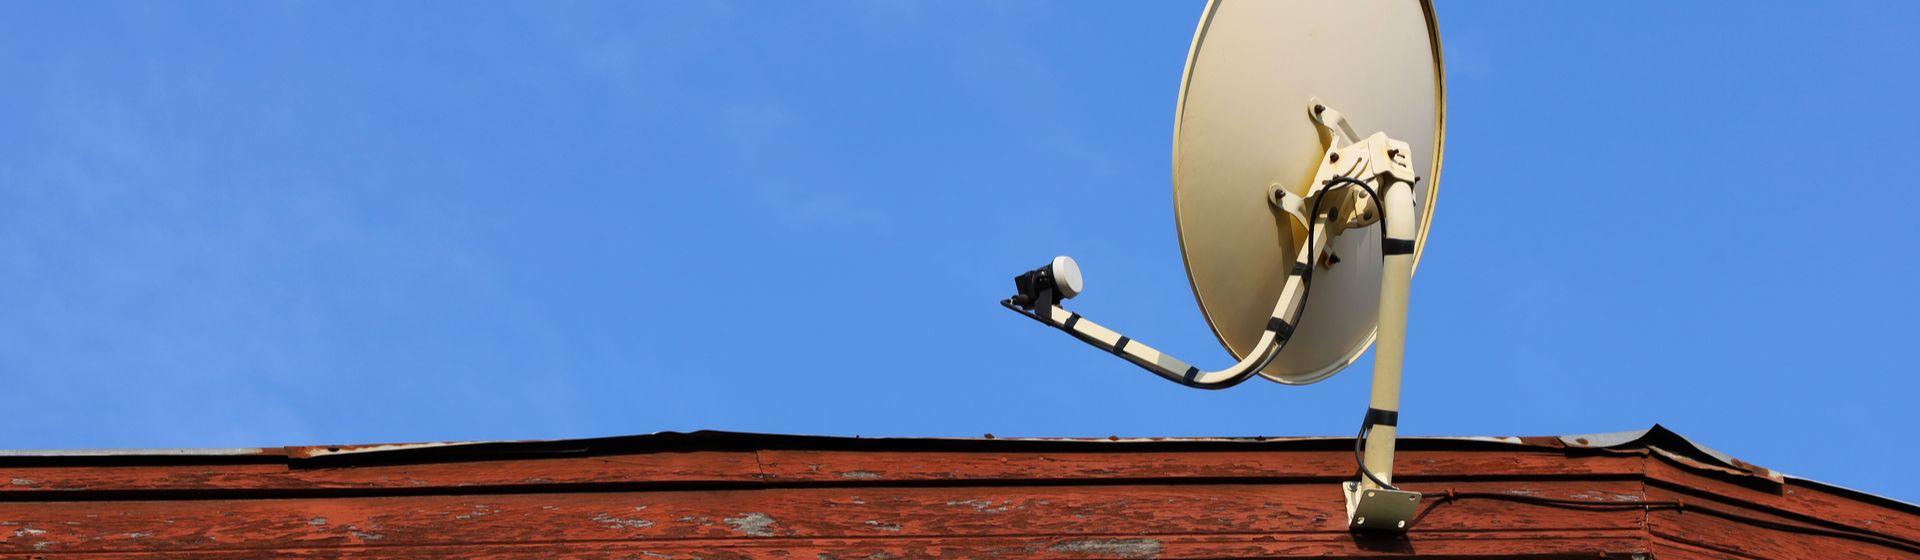 Confira as melhores antenas para TV Digital